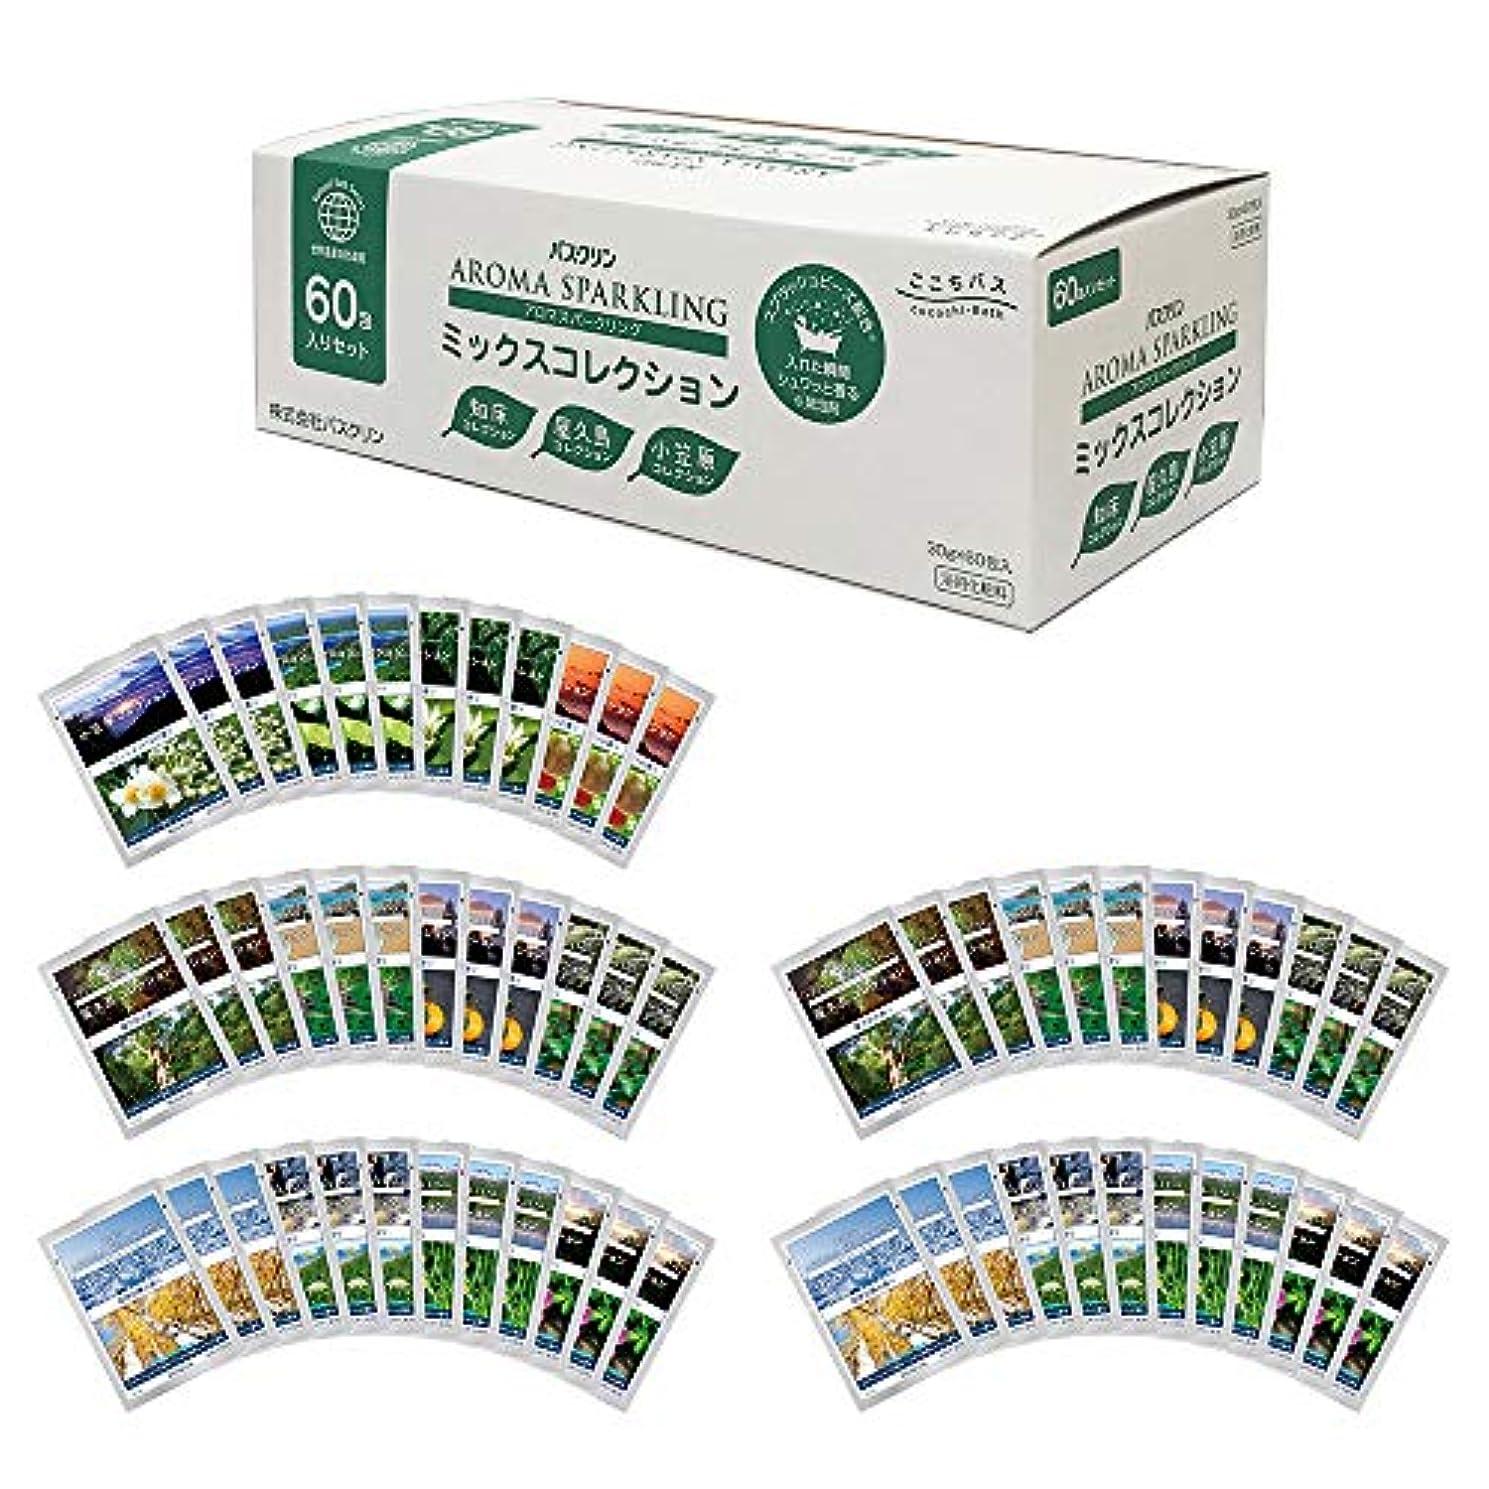 ディーラーレールバイナリ[Amazon限定ブランド] ここちバス バスクリン 入浴剤  アロマスパークリング ミックスコレクション 60包入り 個包装 詰め合わせ